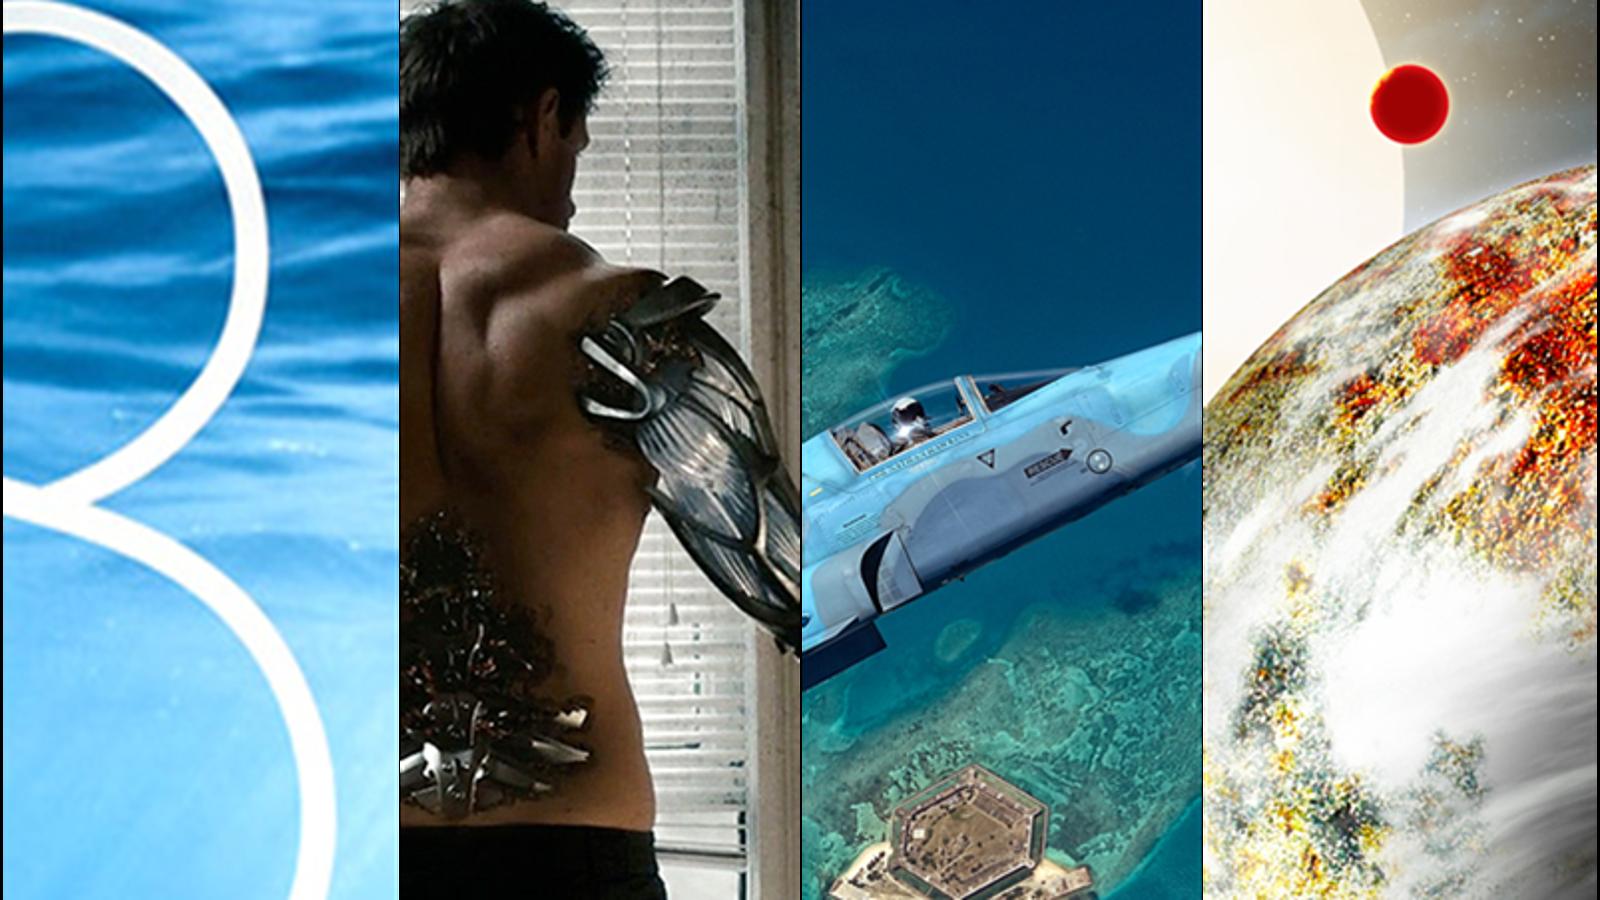 iOS 8, espionaje, tiburones y Navy Seals, lo mejor de la semana